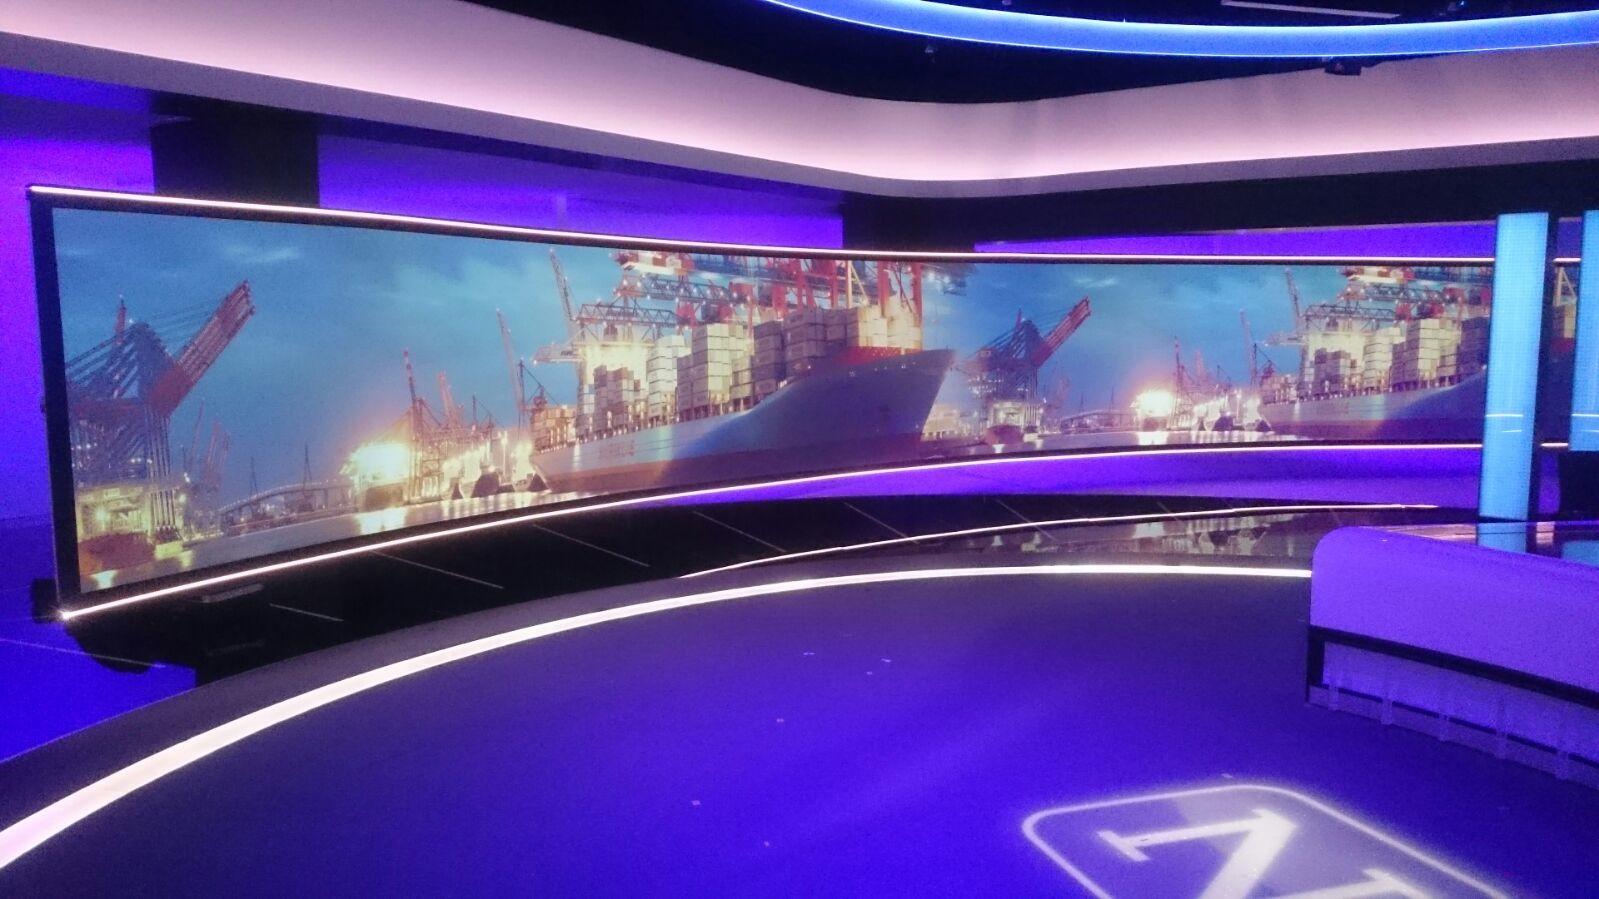 AVEX integreert videotechniek in nieuwe NOS studio - AVEX